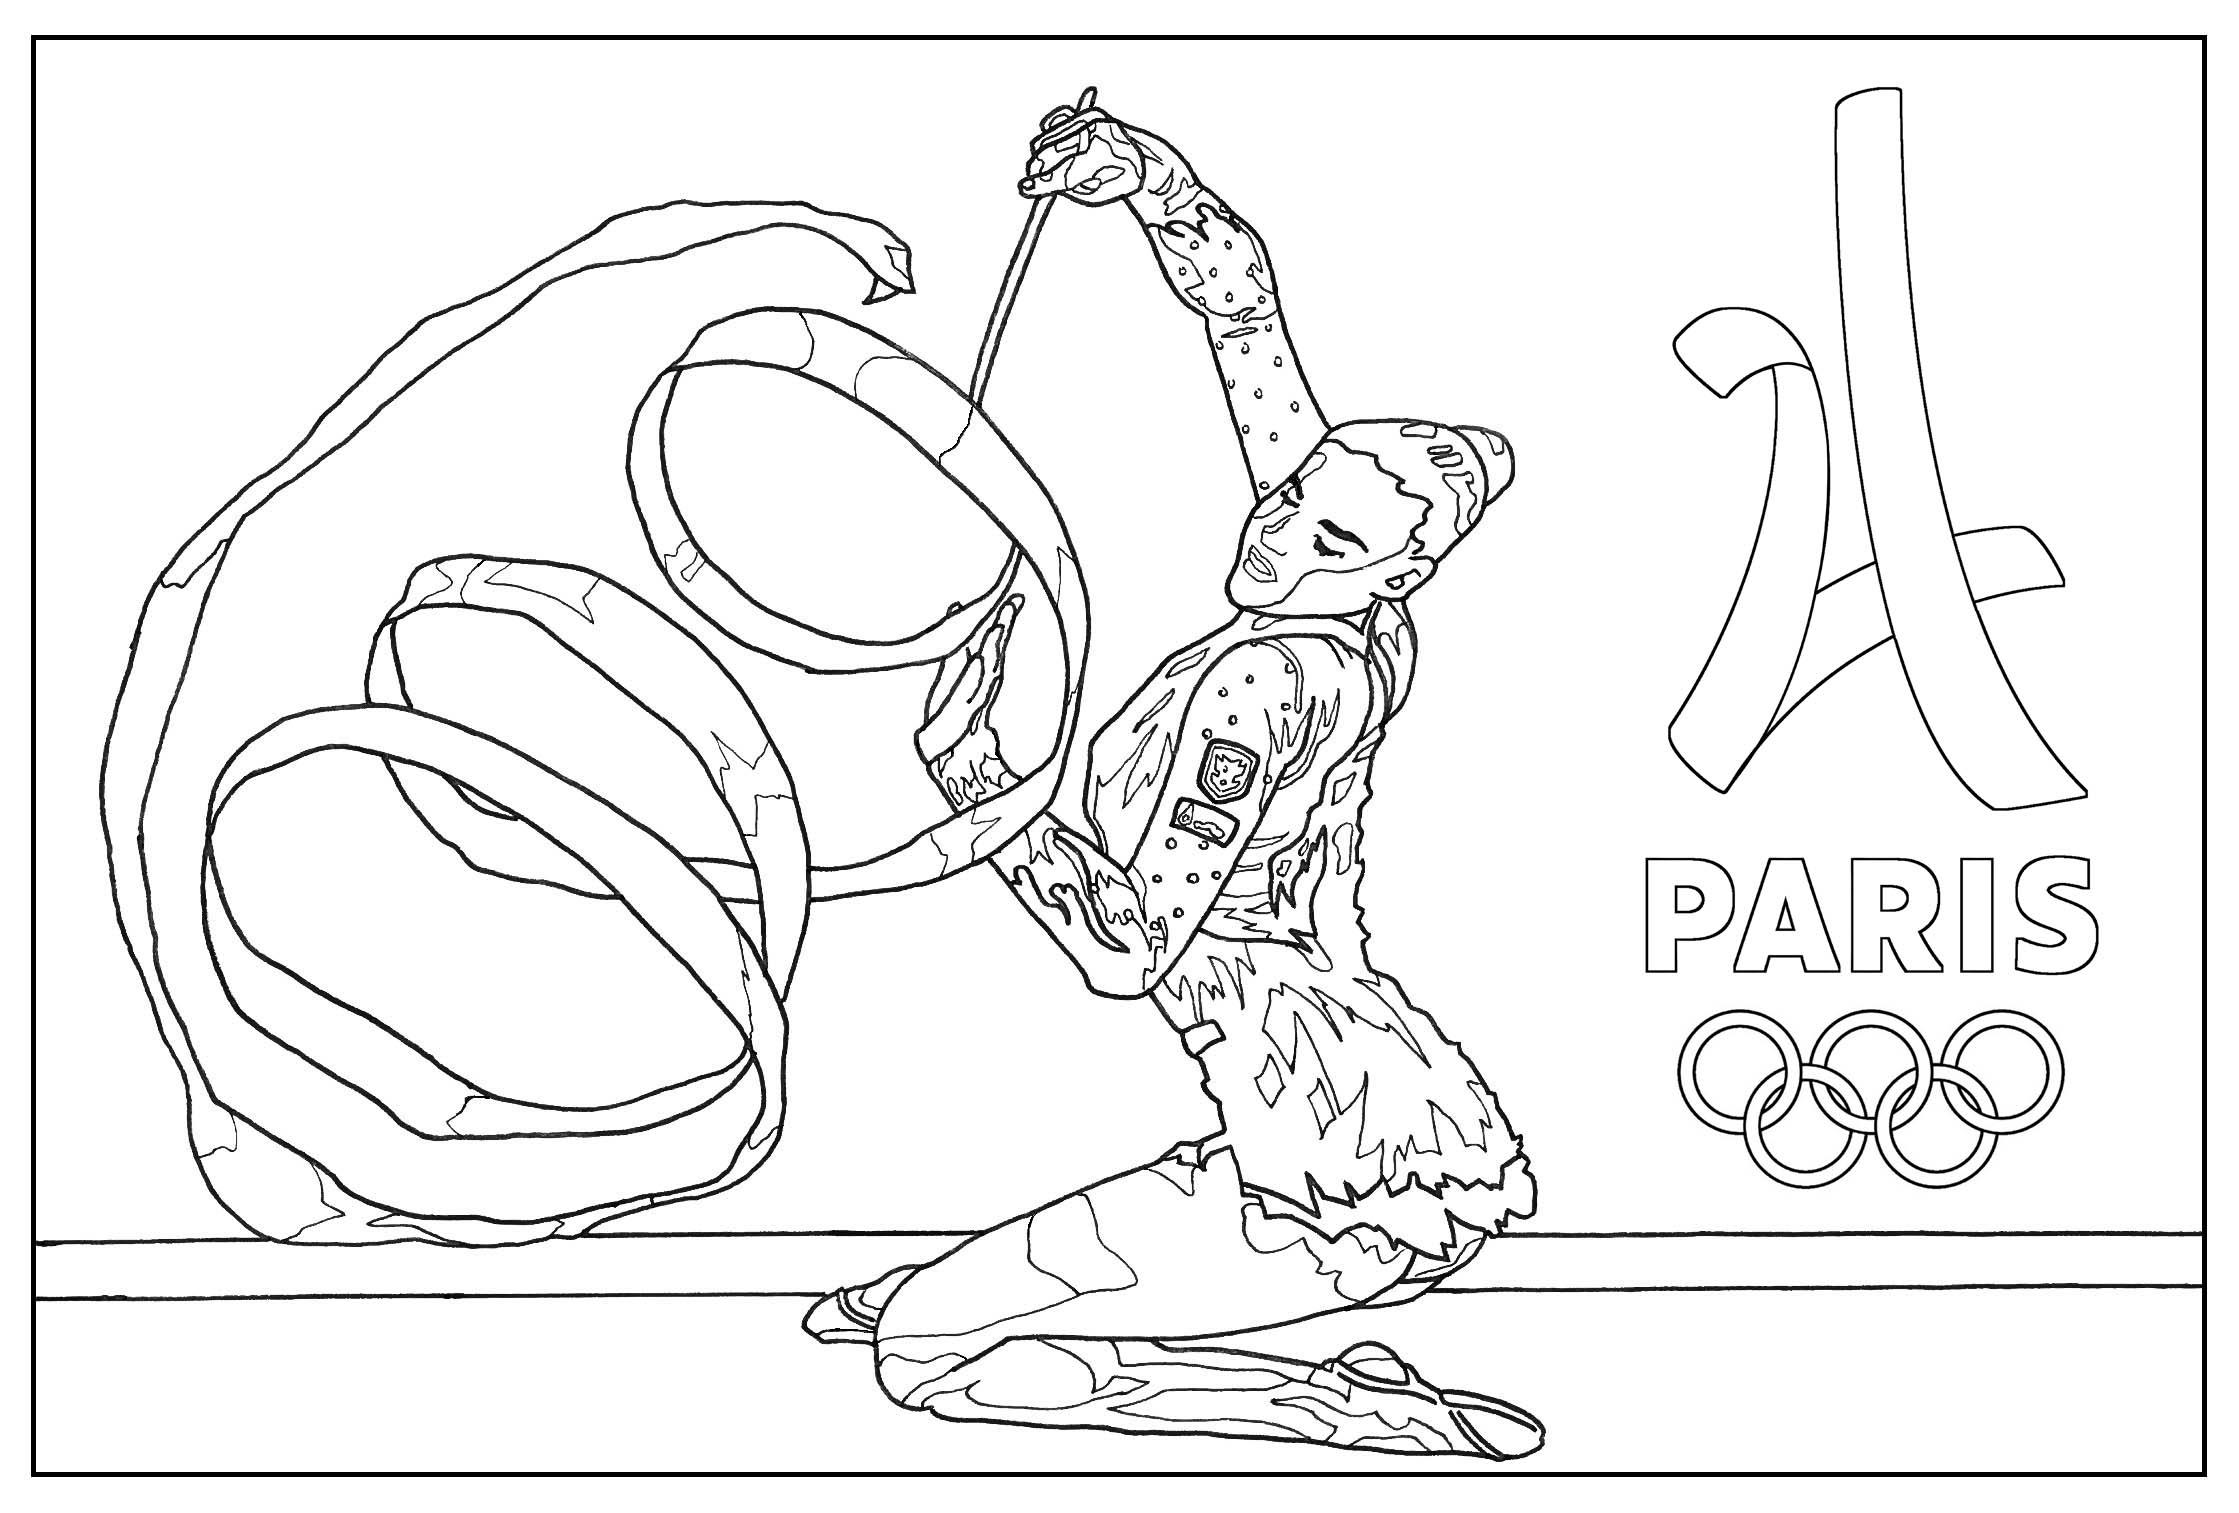 Coloriage Jeux Olympiques Paris 2024 : Gymnastique rythmique. Par Sofian